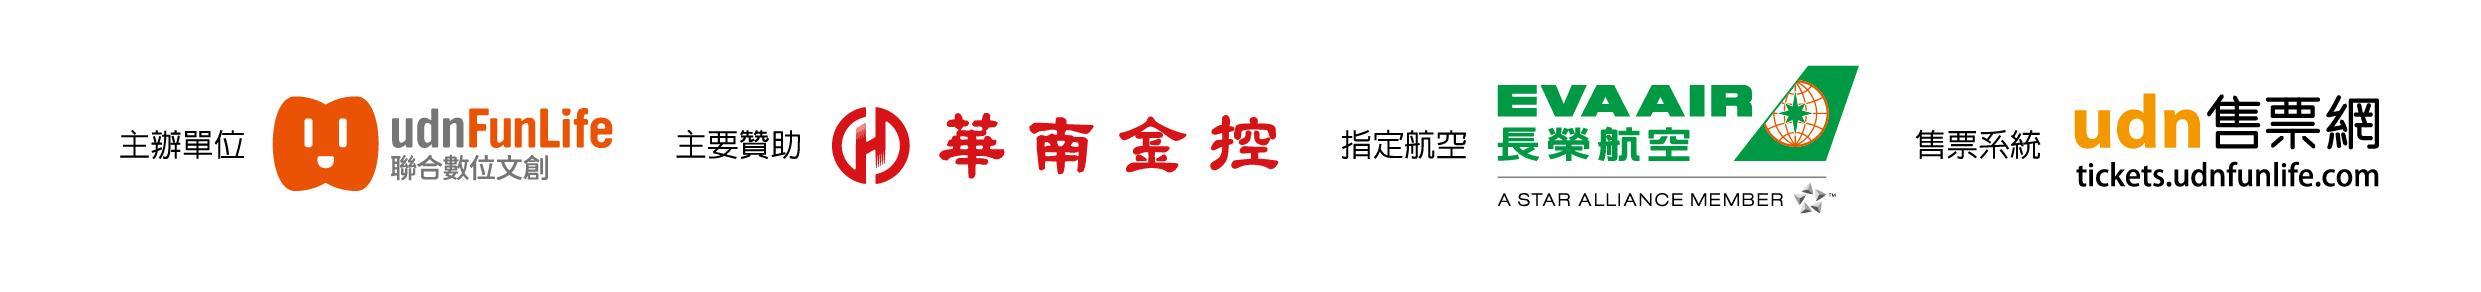 1060526-logo列